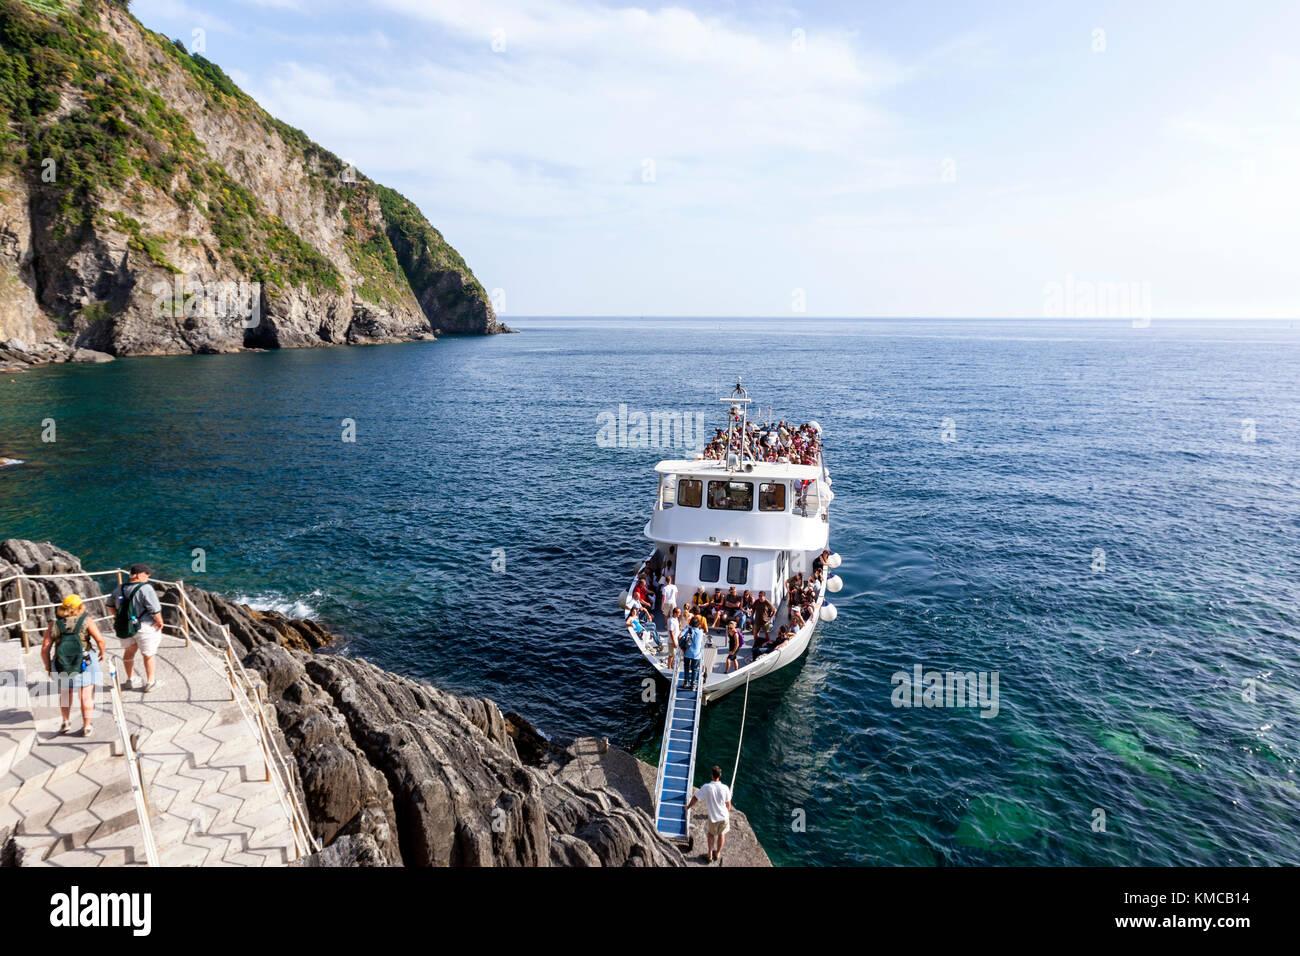 Tourists boat along the Italian Riviera in Riomaggiore, Cinque Terre, province of La Spezia, Liguria region, Italy.Stock Photo